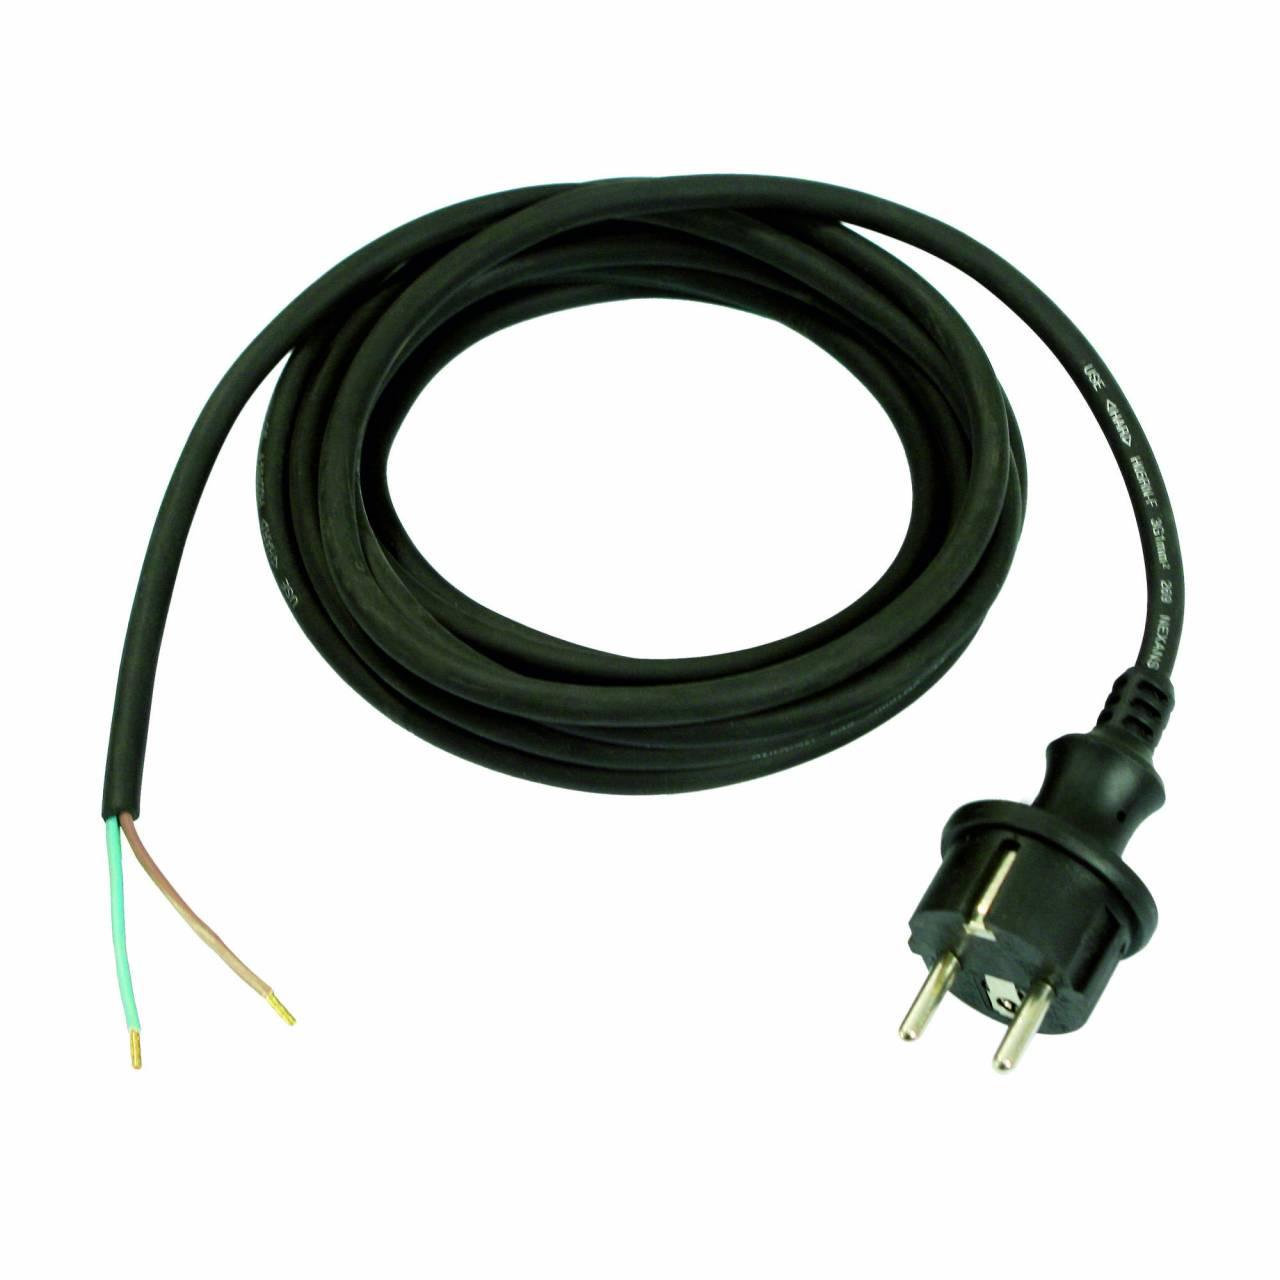 Gummi-Anschlussleitung, schwarz, 230V, H07RN-F 2x1,0 / 3 m